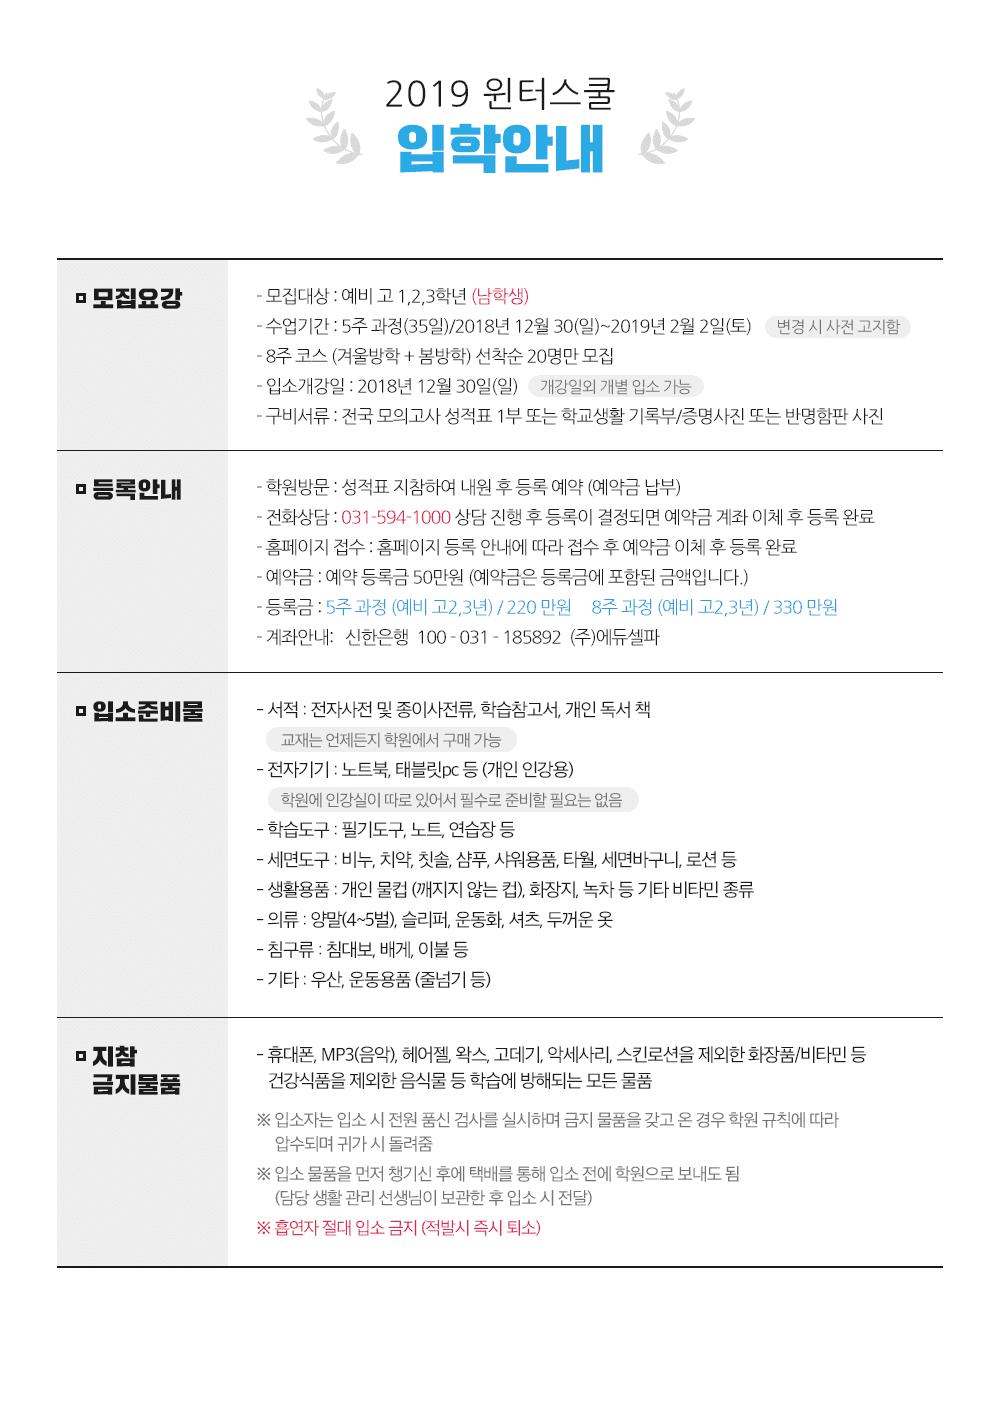 2019 윈터스쿨 남학생 모집요강